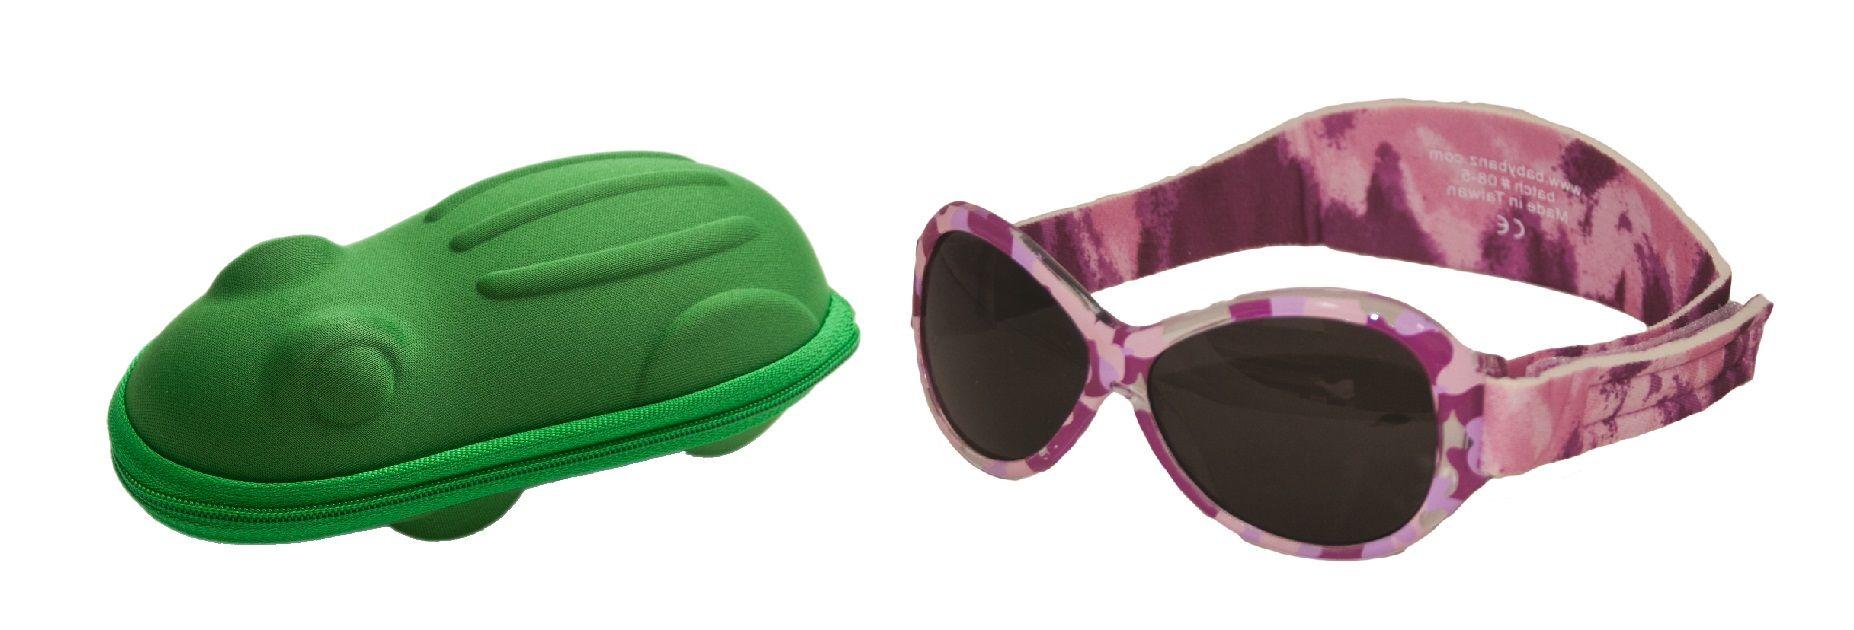 Une combinaison Lot de Babybanz Retro Lunettes de soleil Rose Camo et un  étui lunettes de dc887bf205da